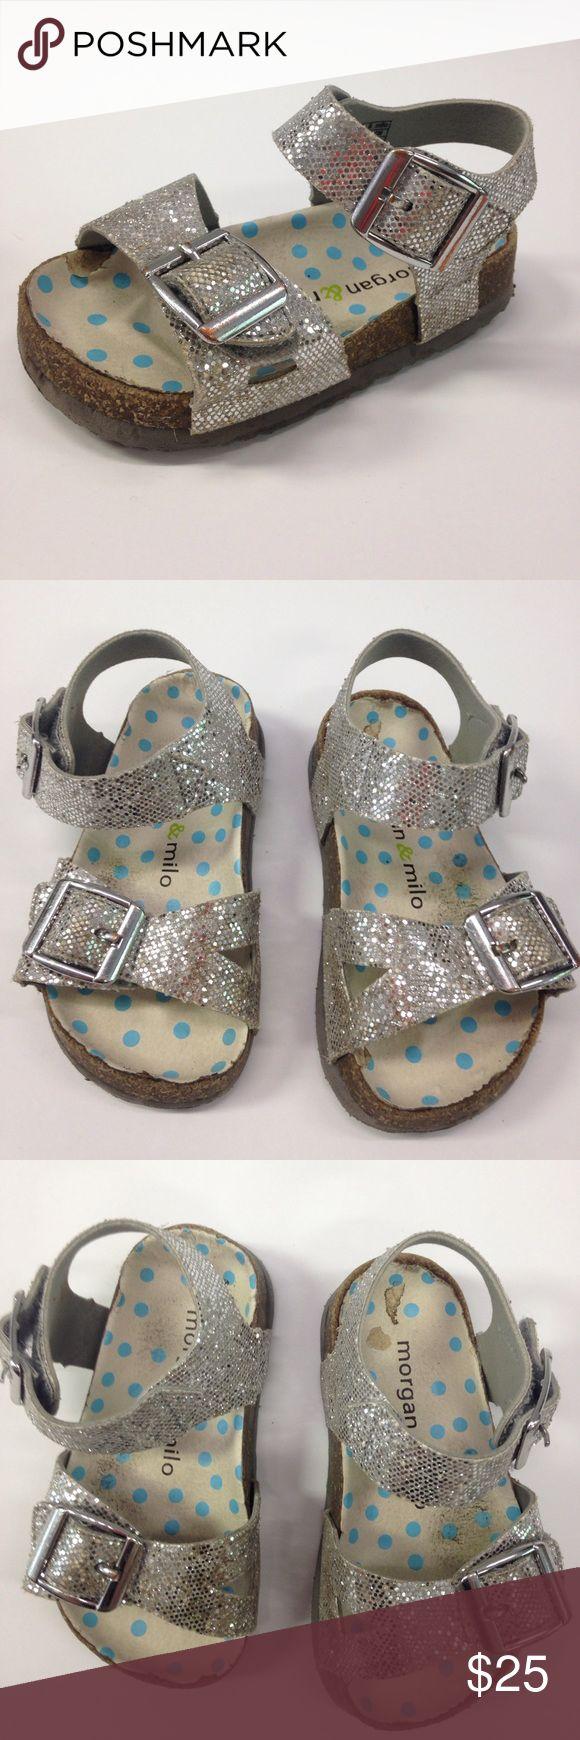 MORGAN & MILO BAYOU SILVER VELCRO SANDALS MORGAN & MILO BAYOU SILVER SANDALS. VELCRO CLOSURE. LIGHT/NORMAL WEAR. TODDLER GIRL SIZE 10 Morgan & Milo Shoes Sandals & Flip Flops